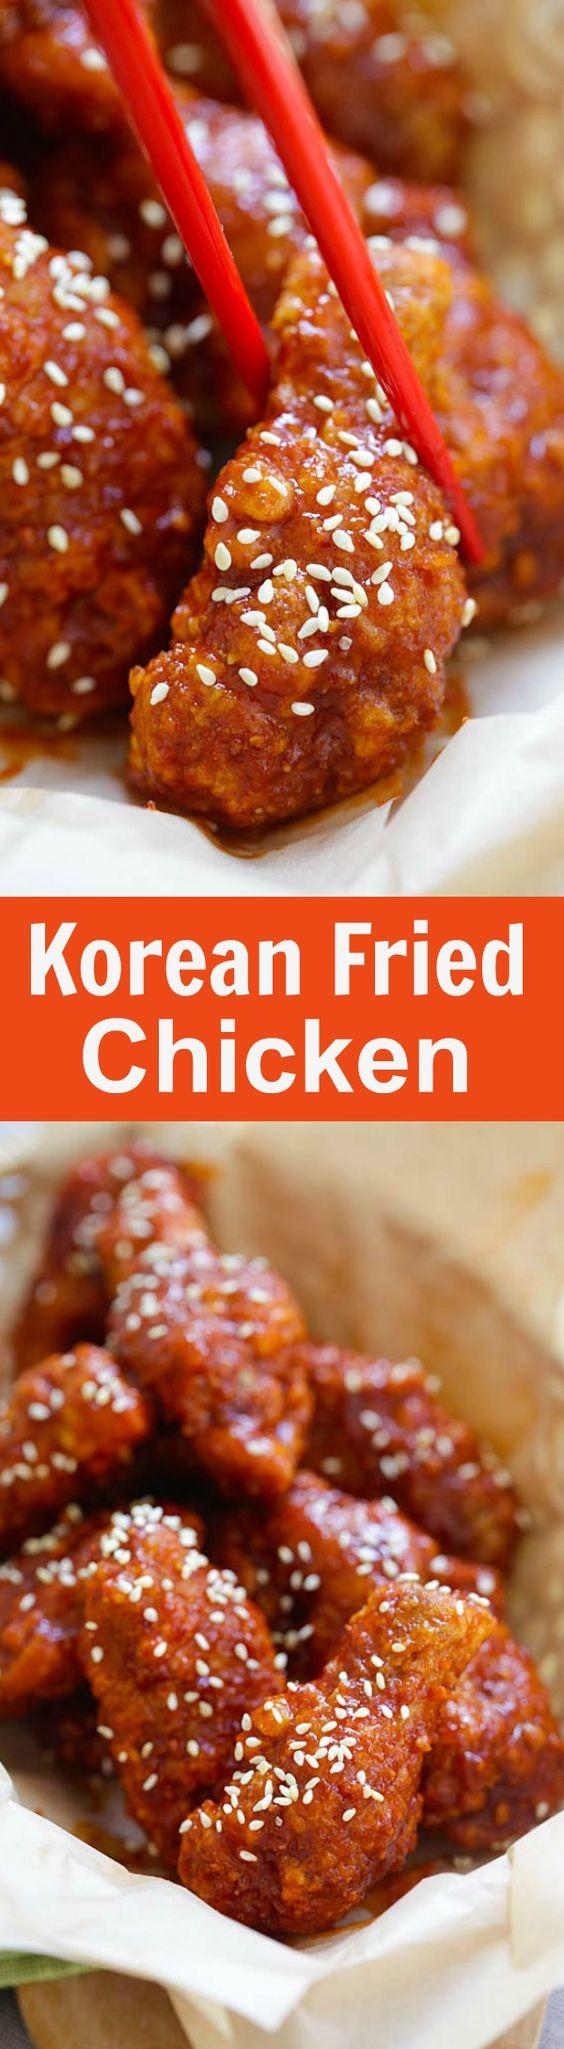 How To Make Korean Fried Chicken  Korean Fried Chicken The BEST Recipe